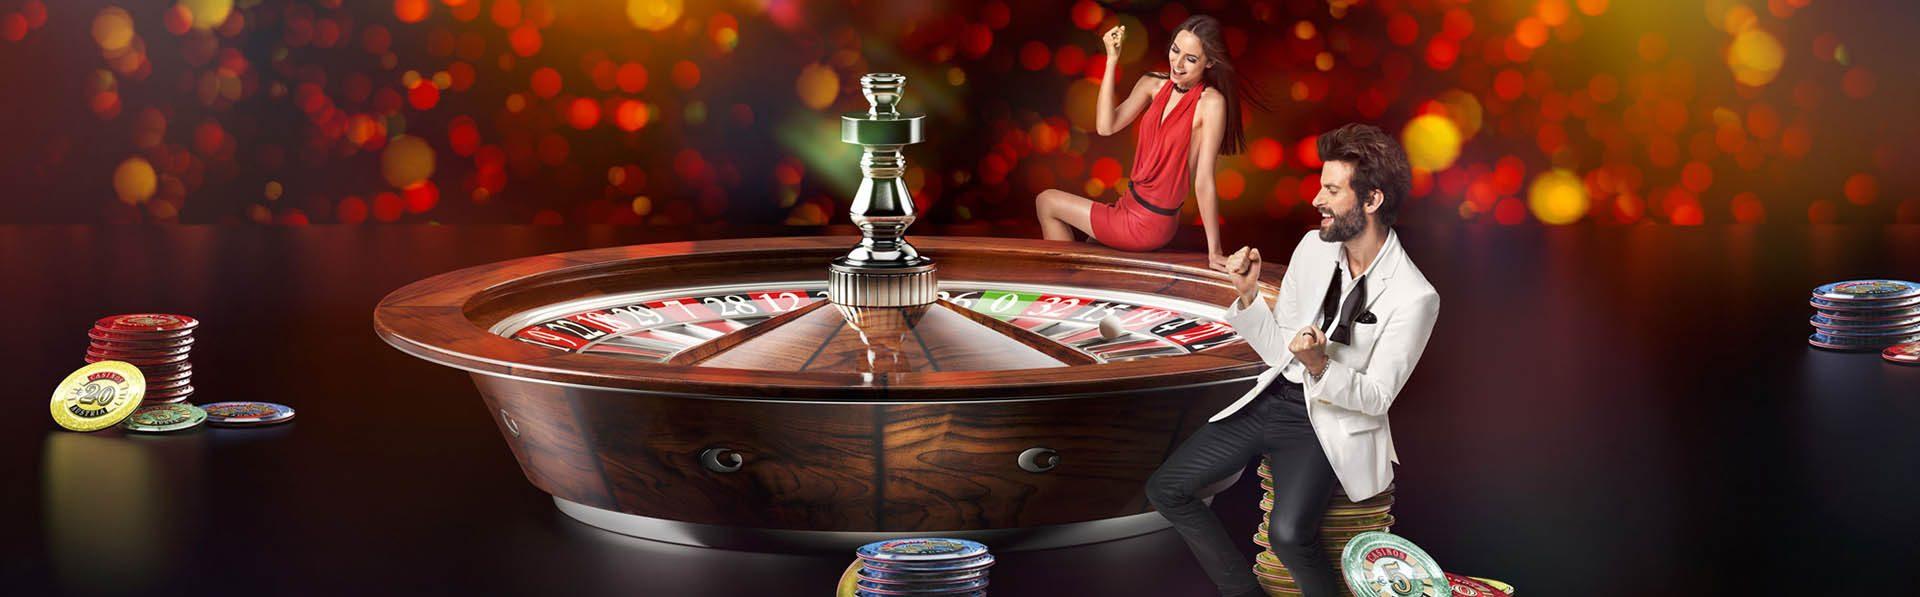 オンラインカジノを俯瞰する